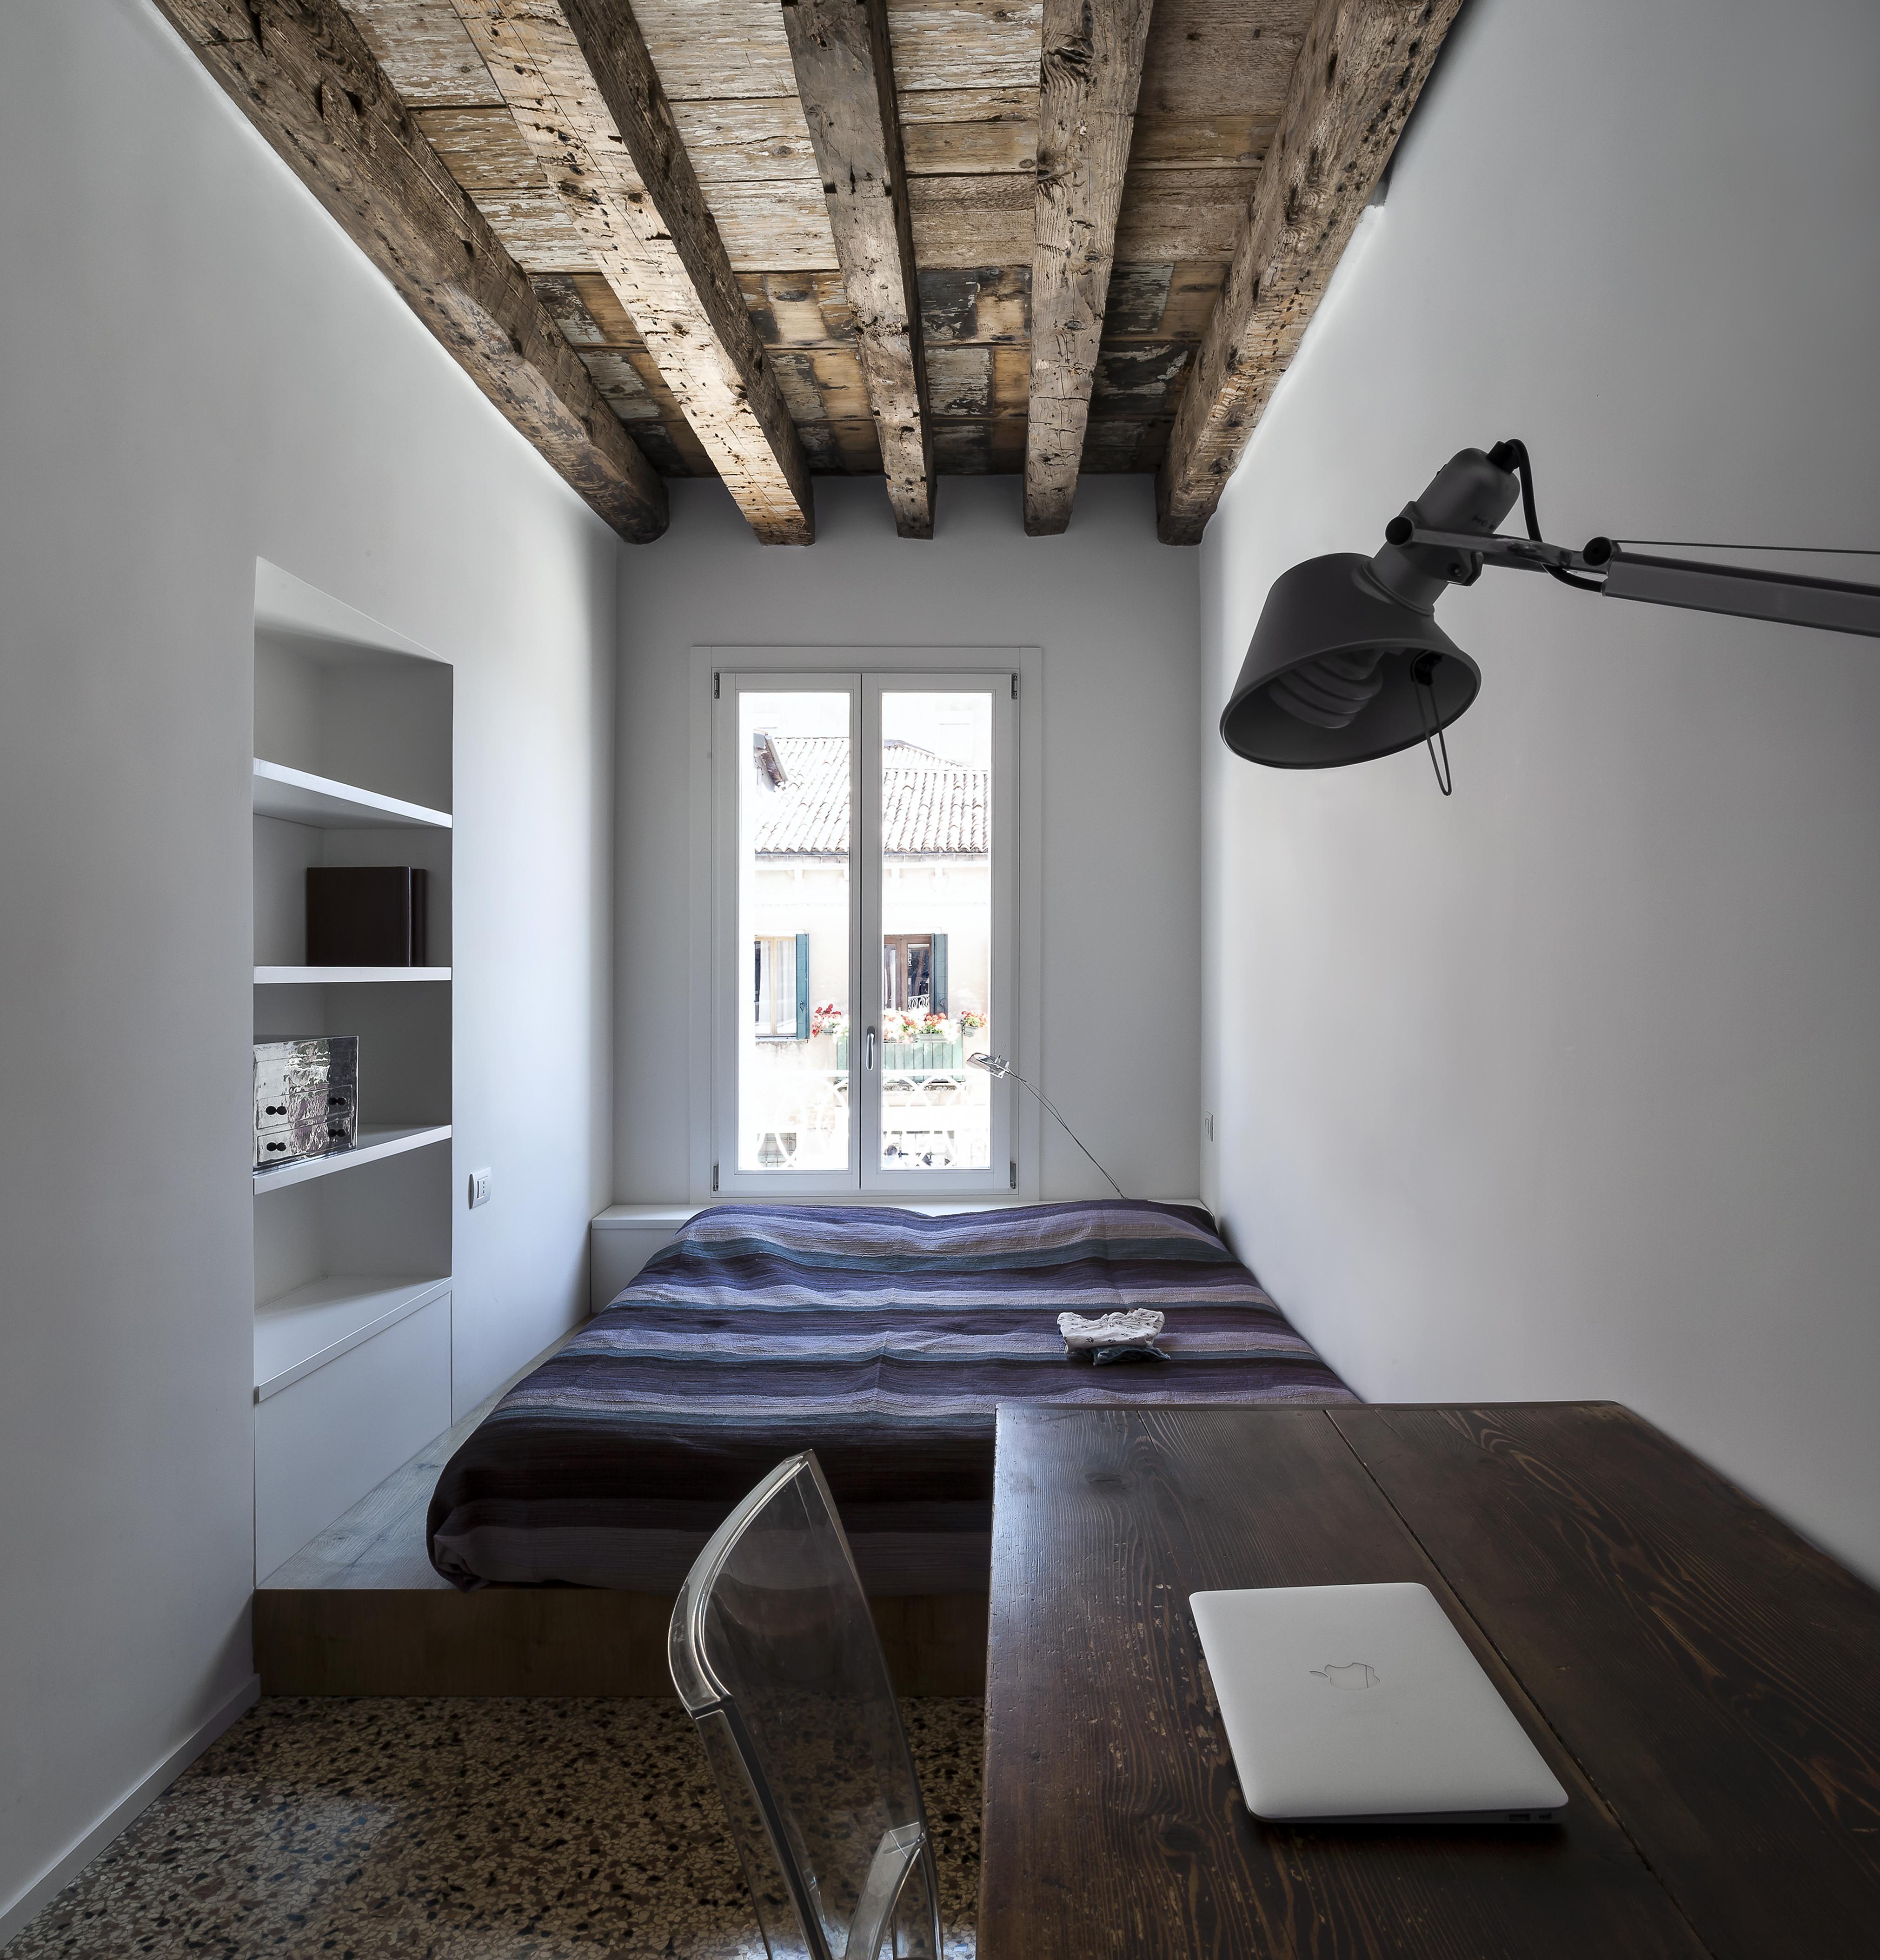 Appartamento a Venezia 2